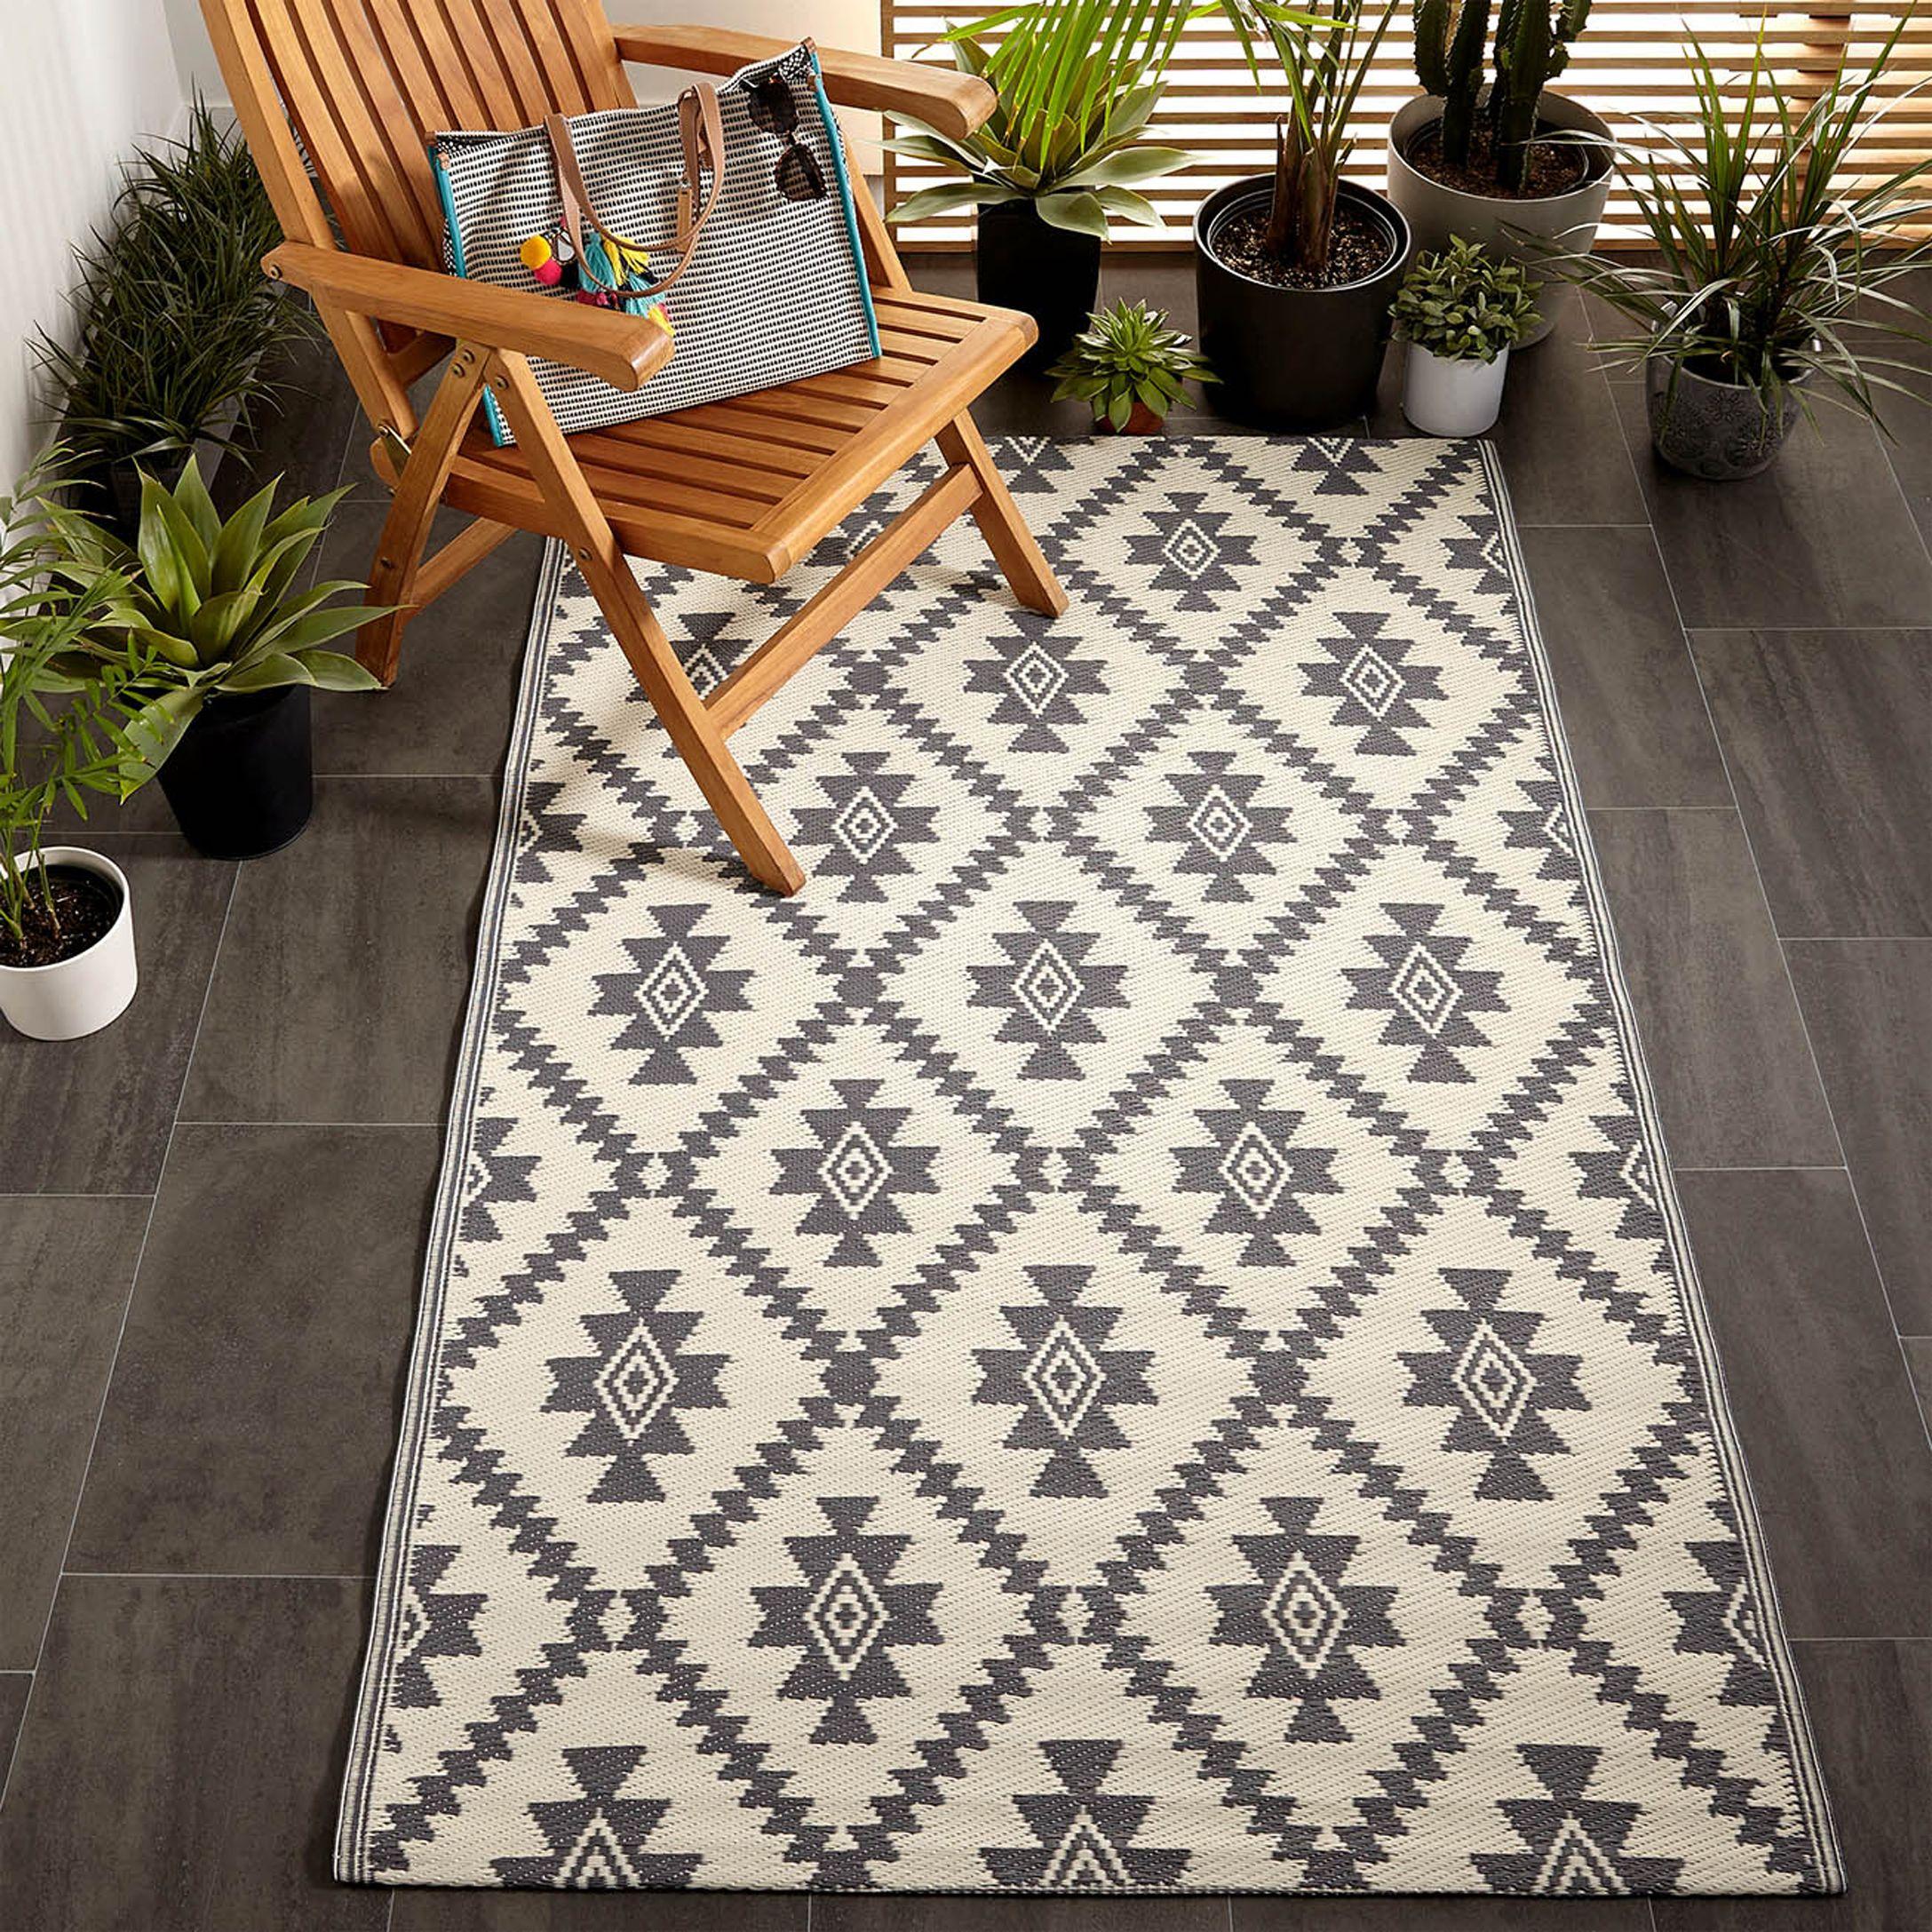 cute cats doormat 40 x 70 cm outdoor rugs doormat and rugs online